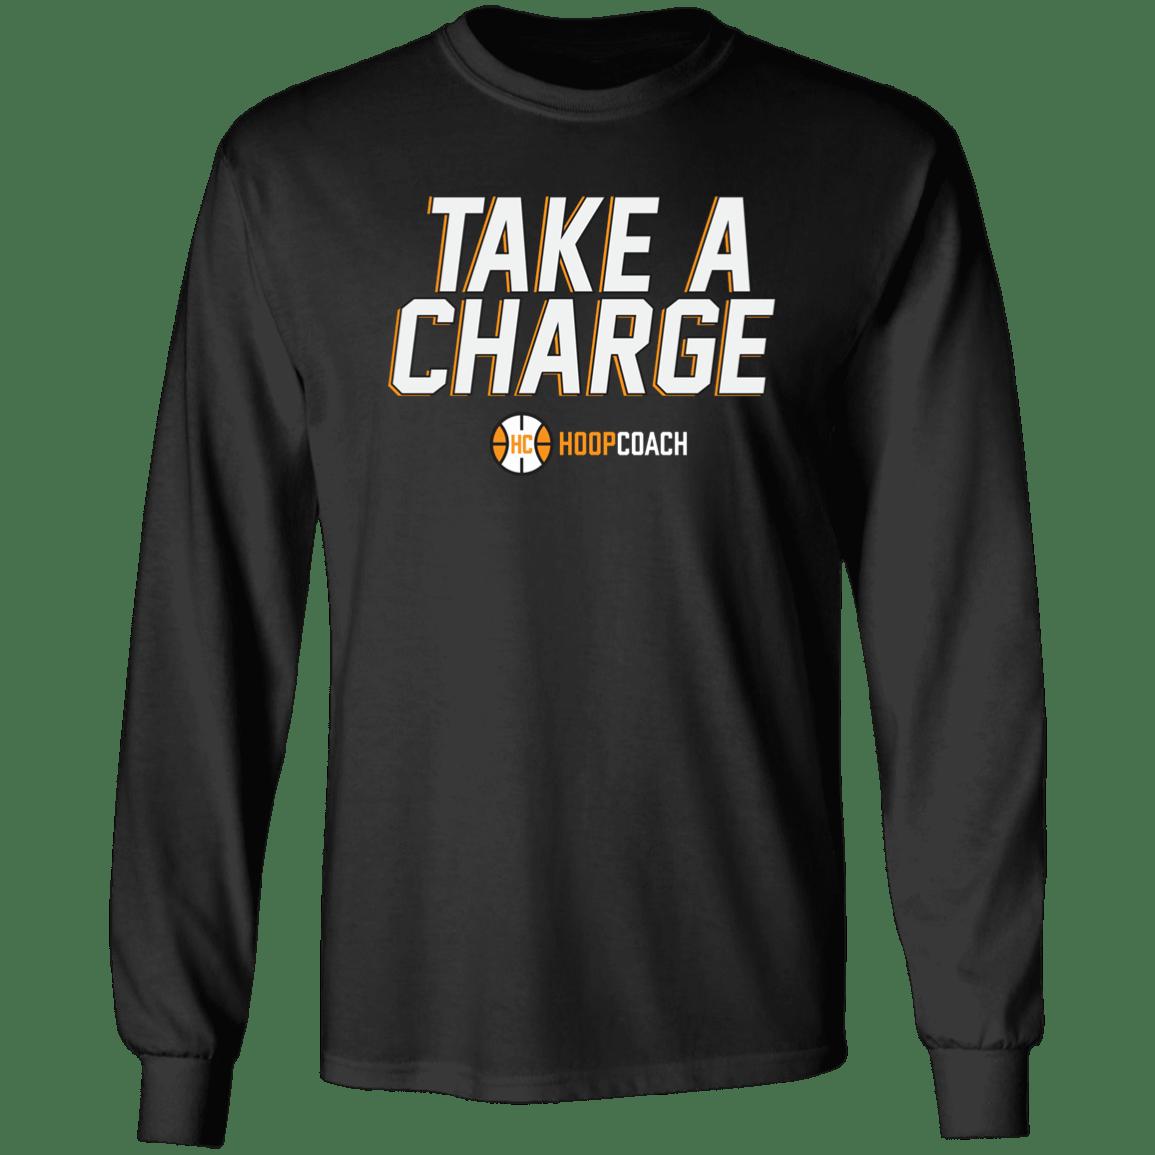 hoop coach shirt